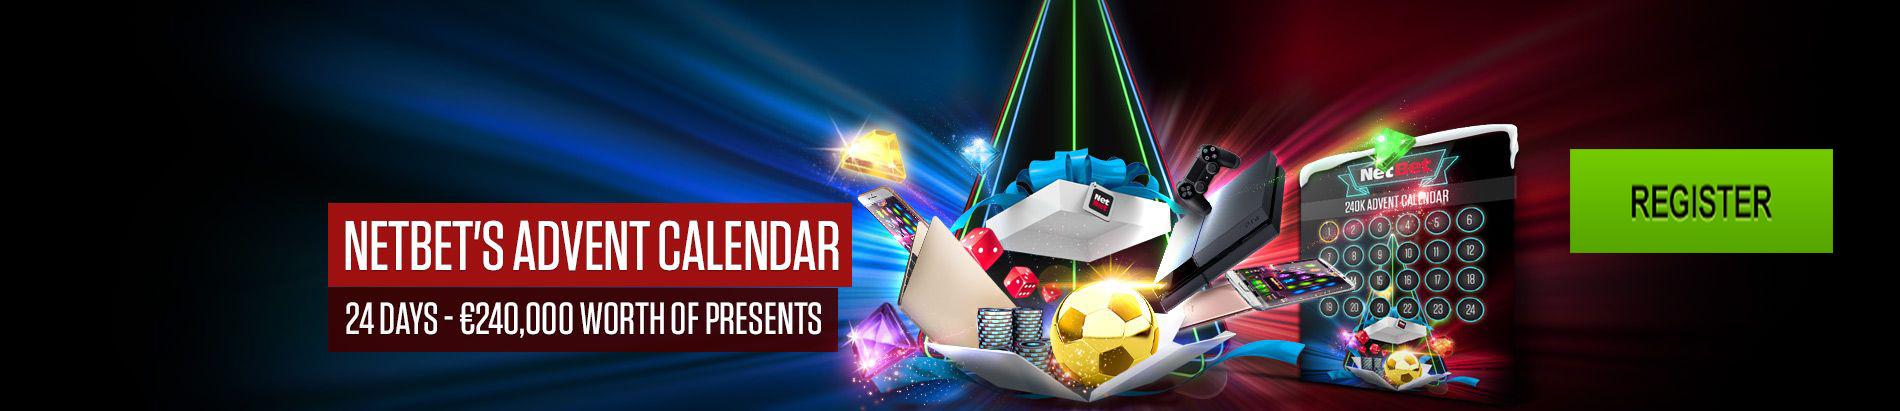 netbet advent kalender banner promoties